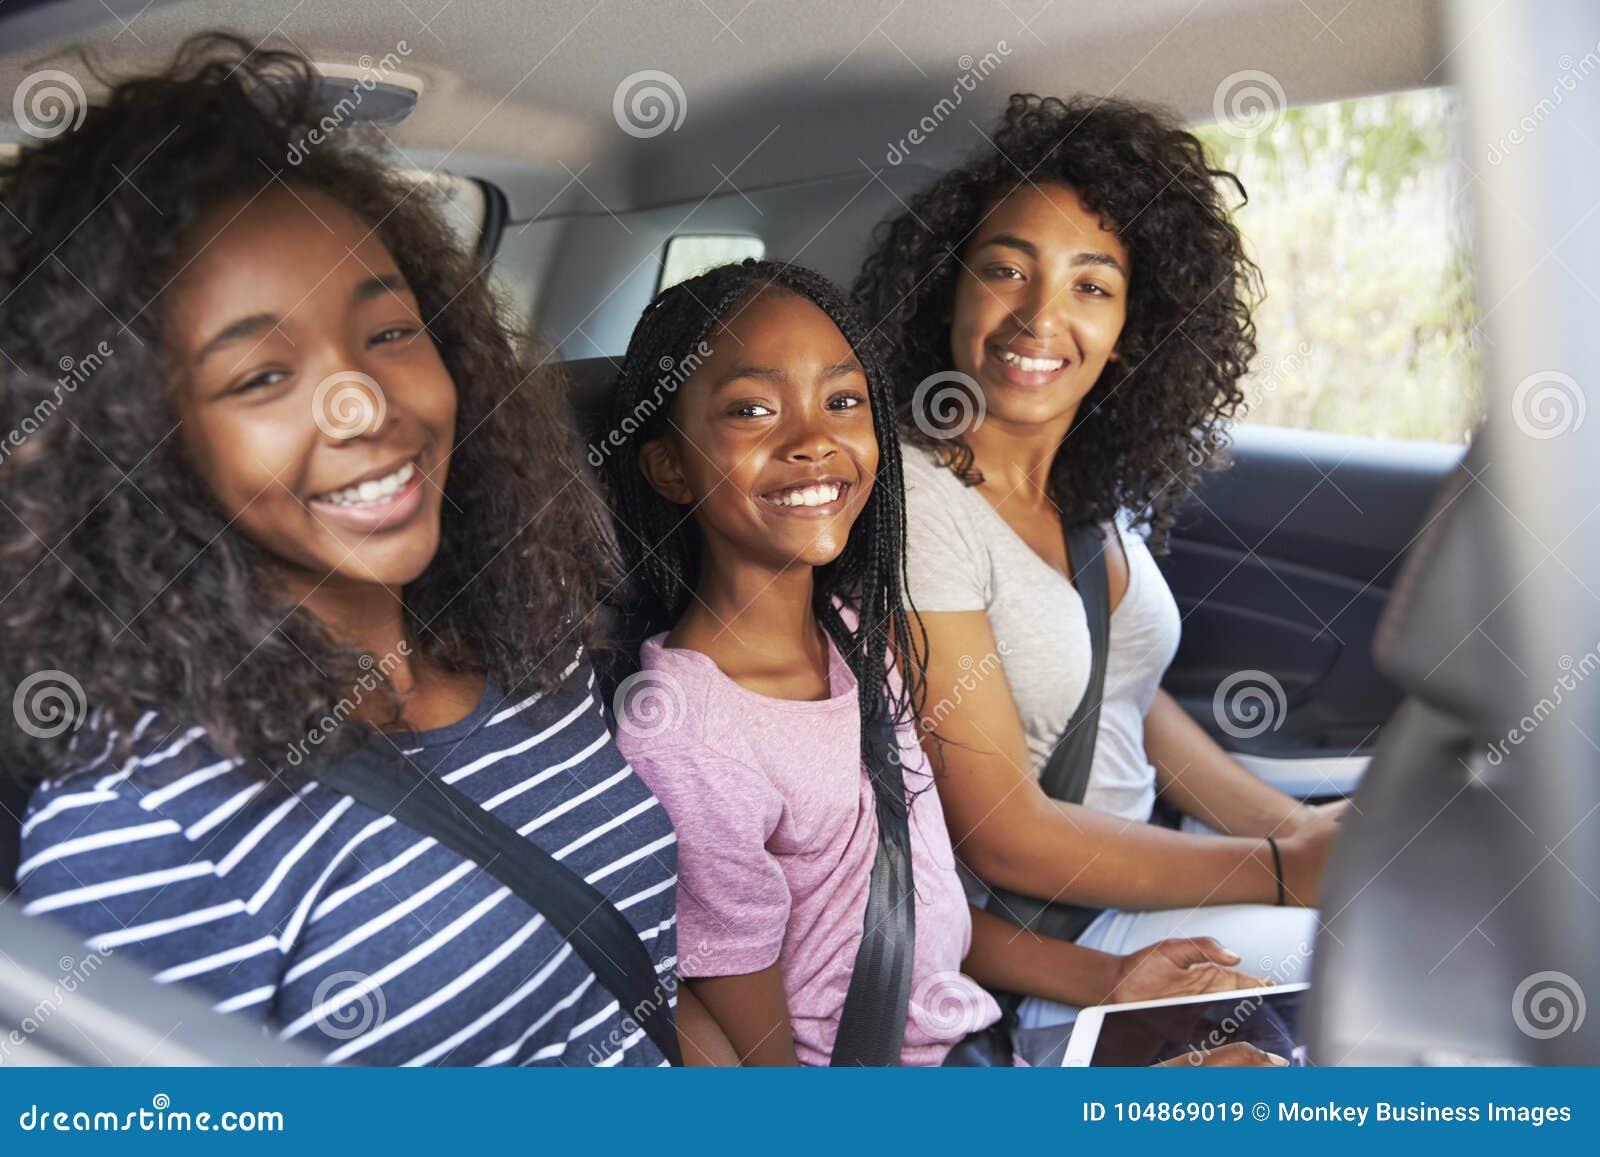 Portret van Familie met Tienerkinderen in Auto op Wegreis